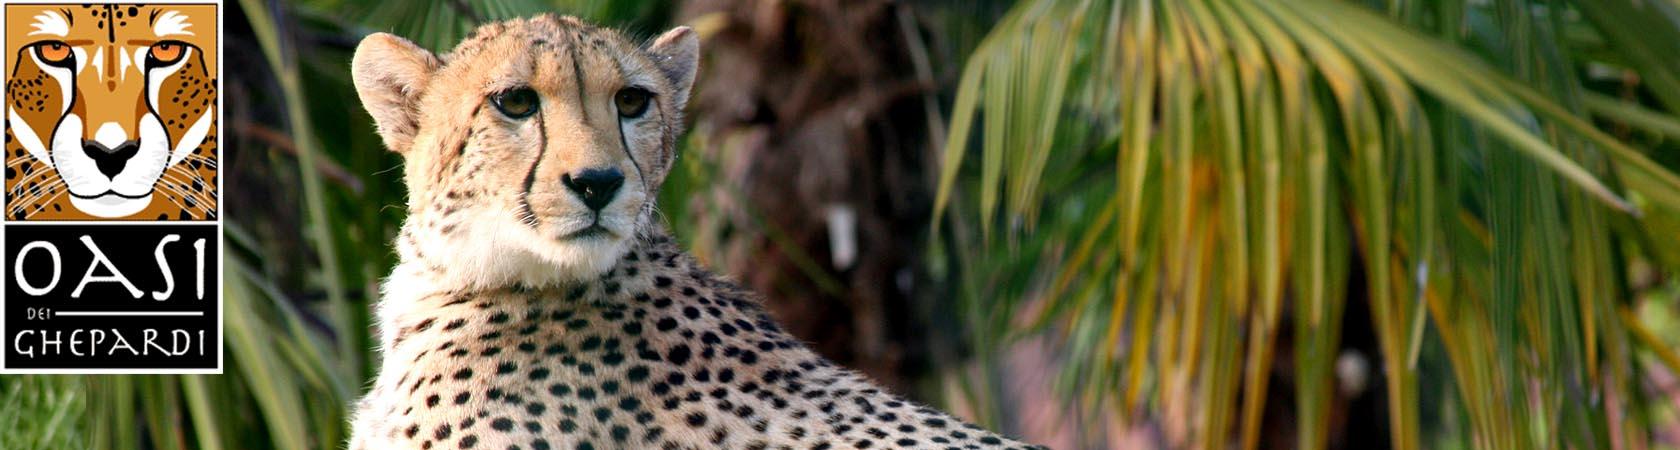 oasi-dei-ghepardi-parco-faunistico-le-cornelle03